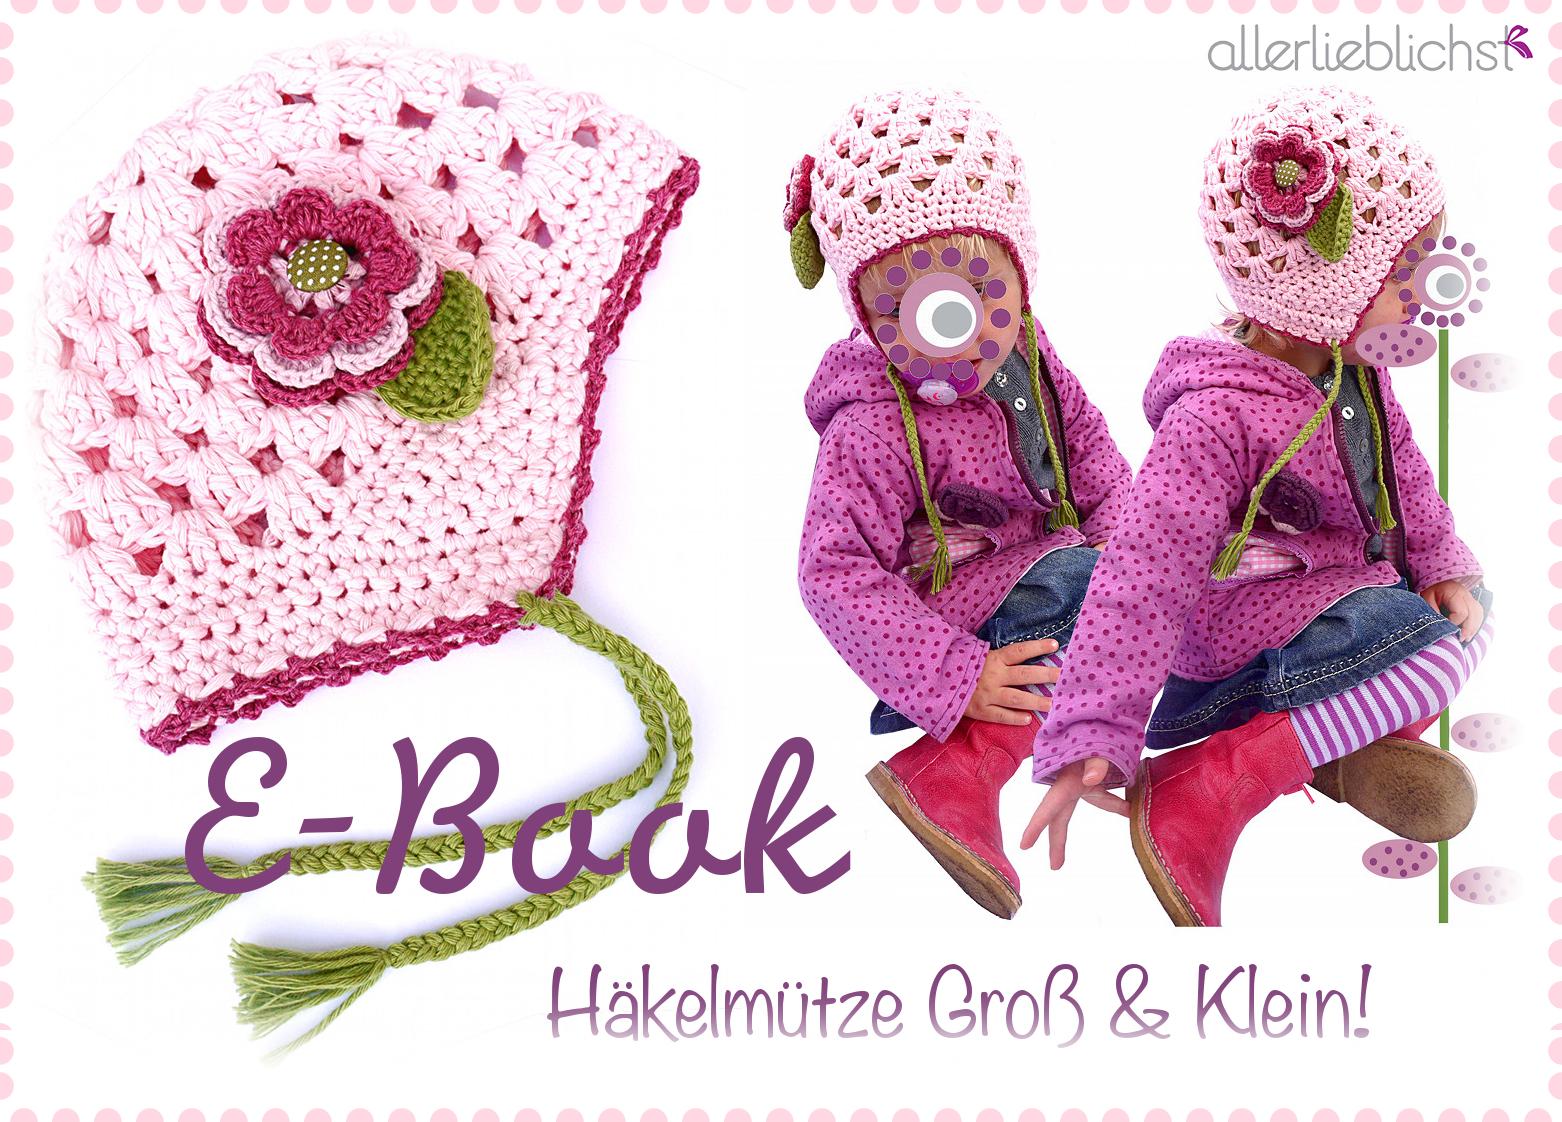 http://www.allerlieblichst.de/Haekelmuetze-GrossKlein